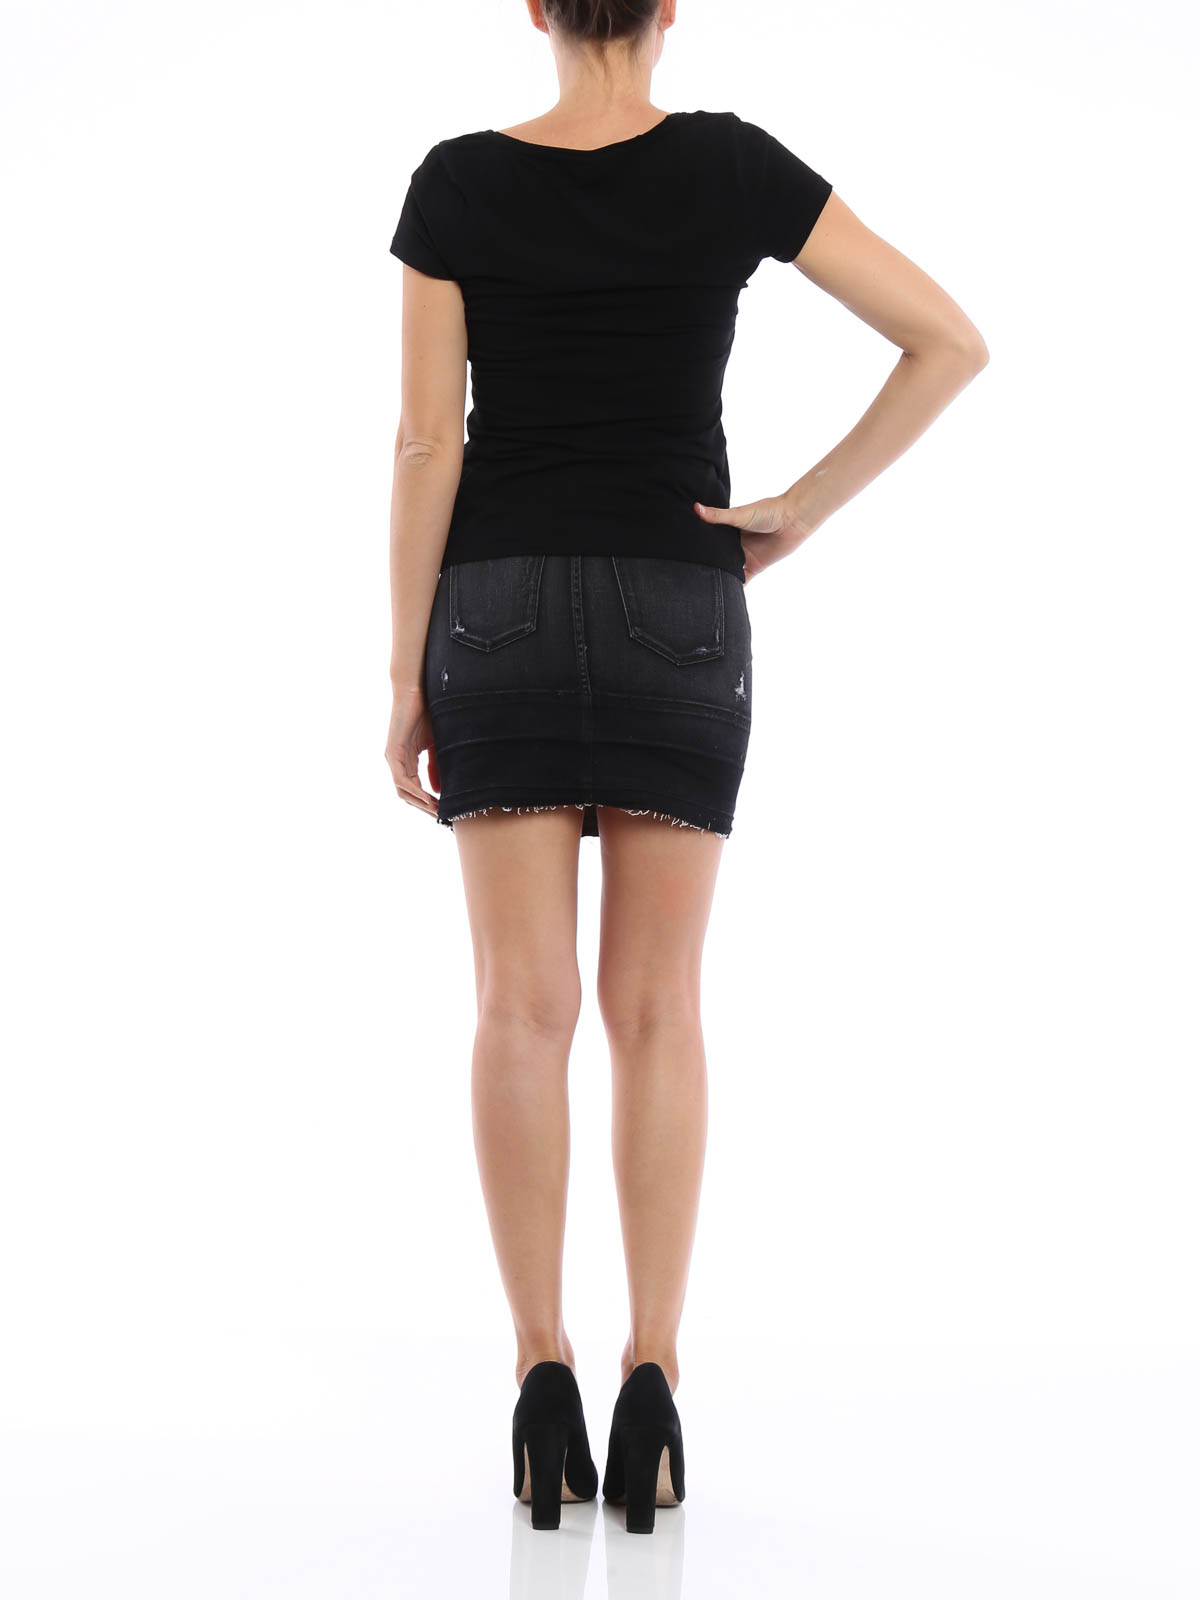 Leila pencil mini skirt by J Brand - mini skirts | iKRIX